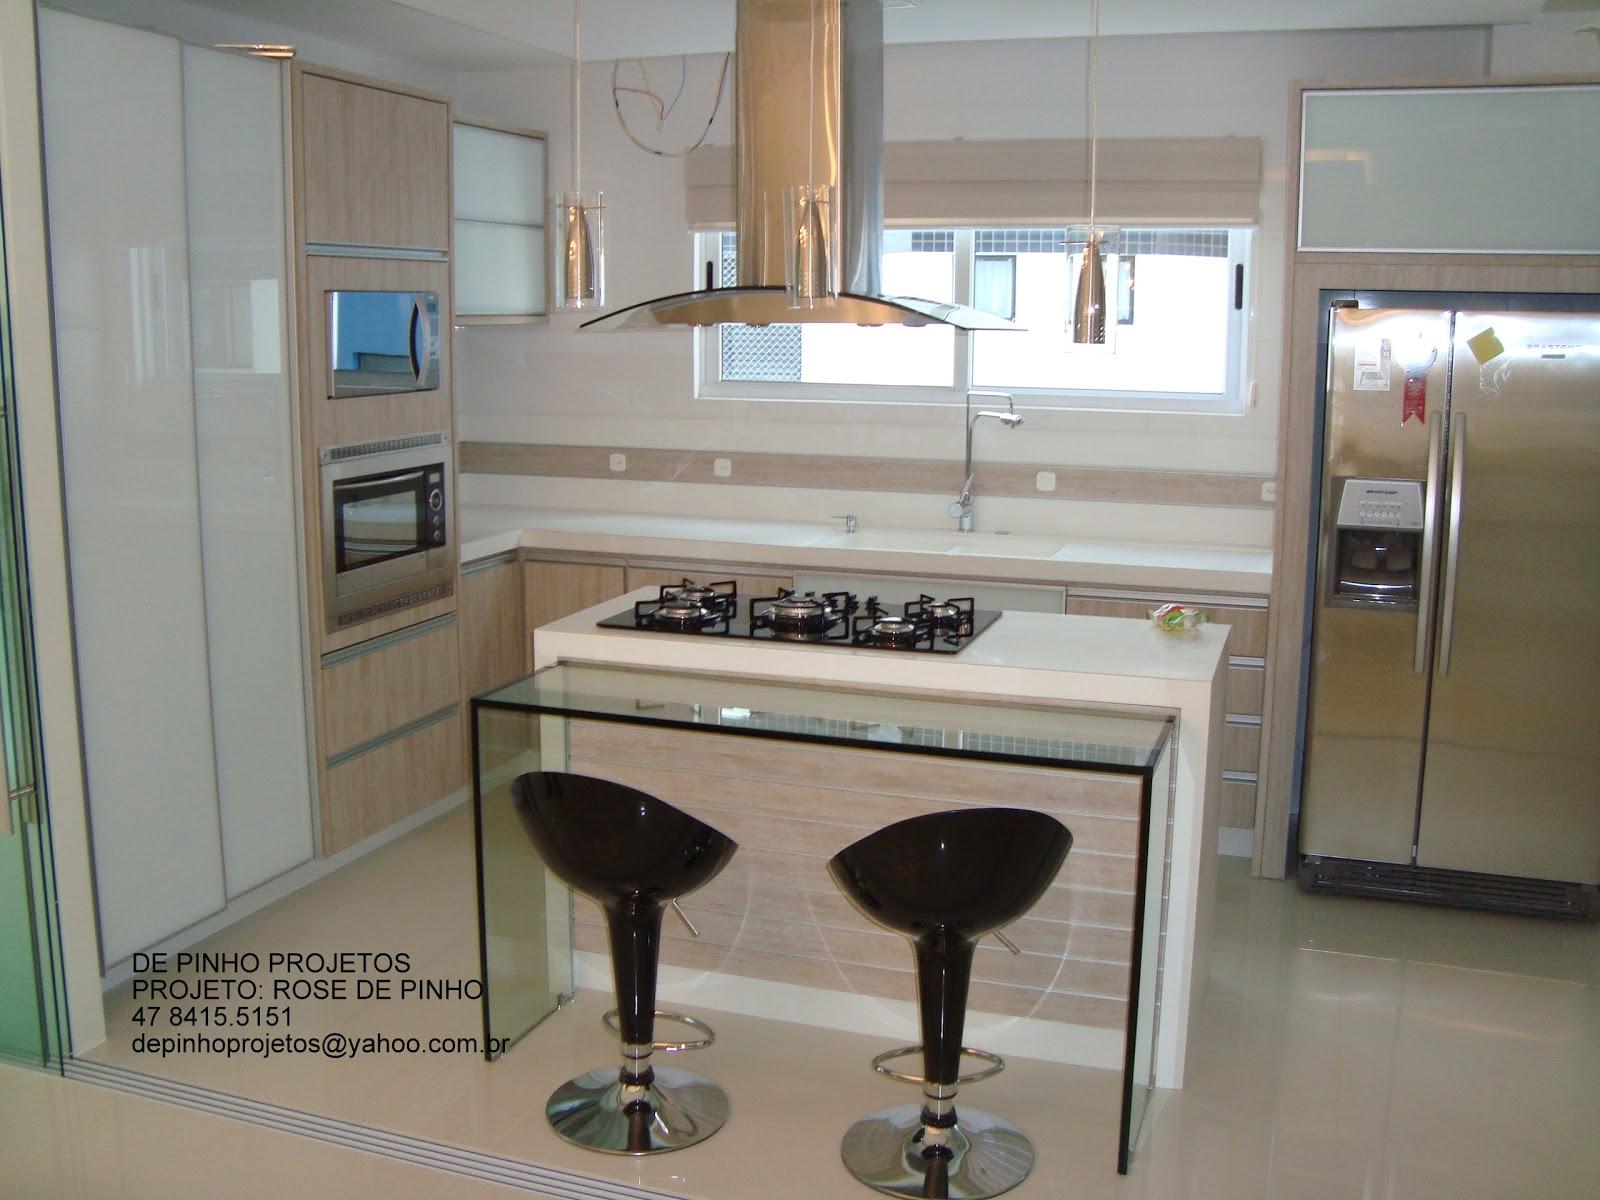 Meu Palácio de 64m²: Cozinha com ilha central #4B6975 1600 1200